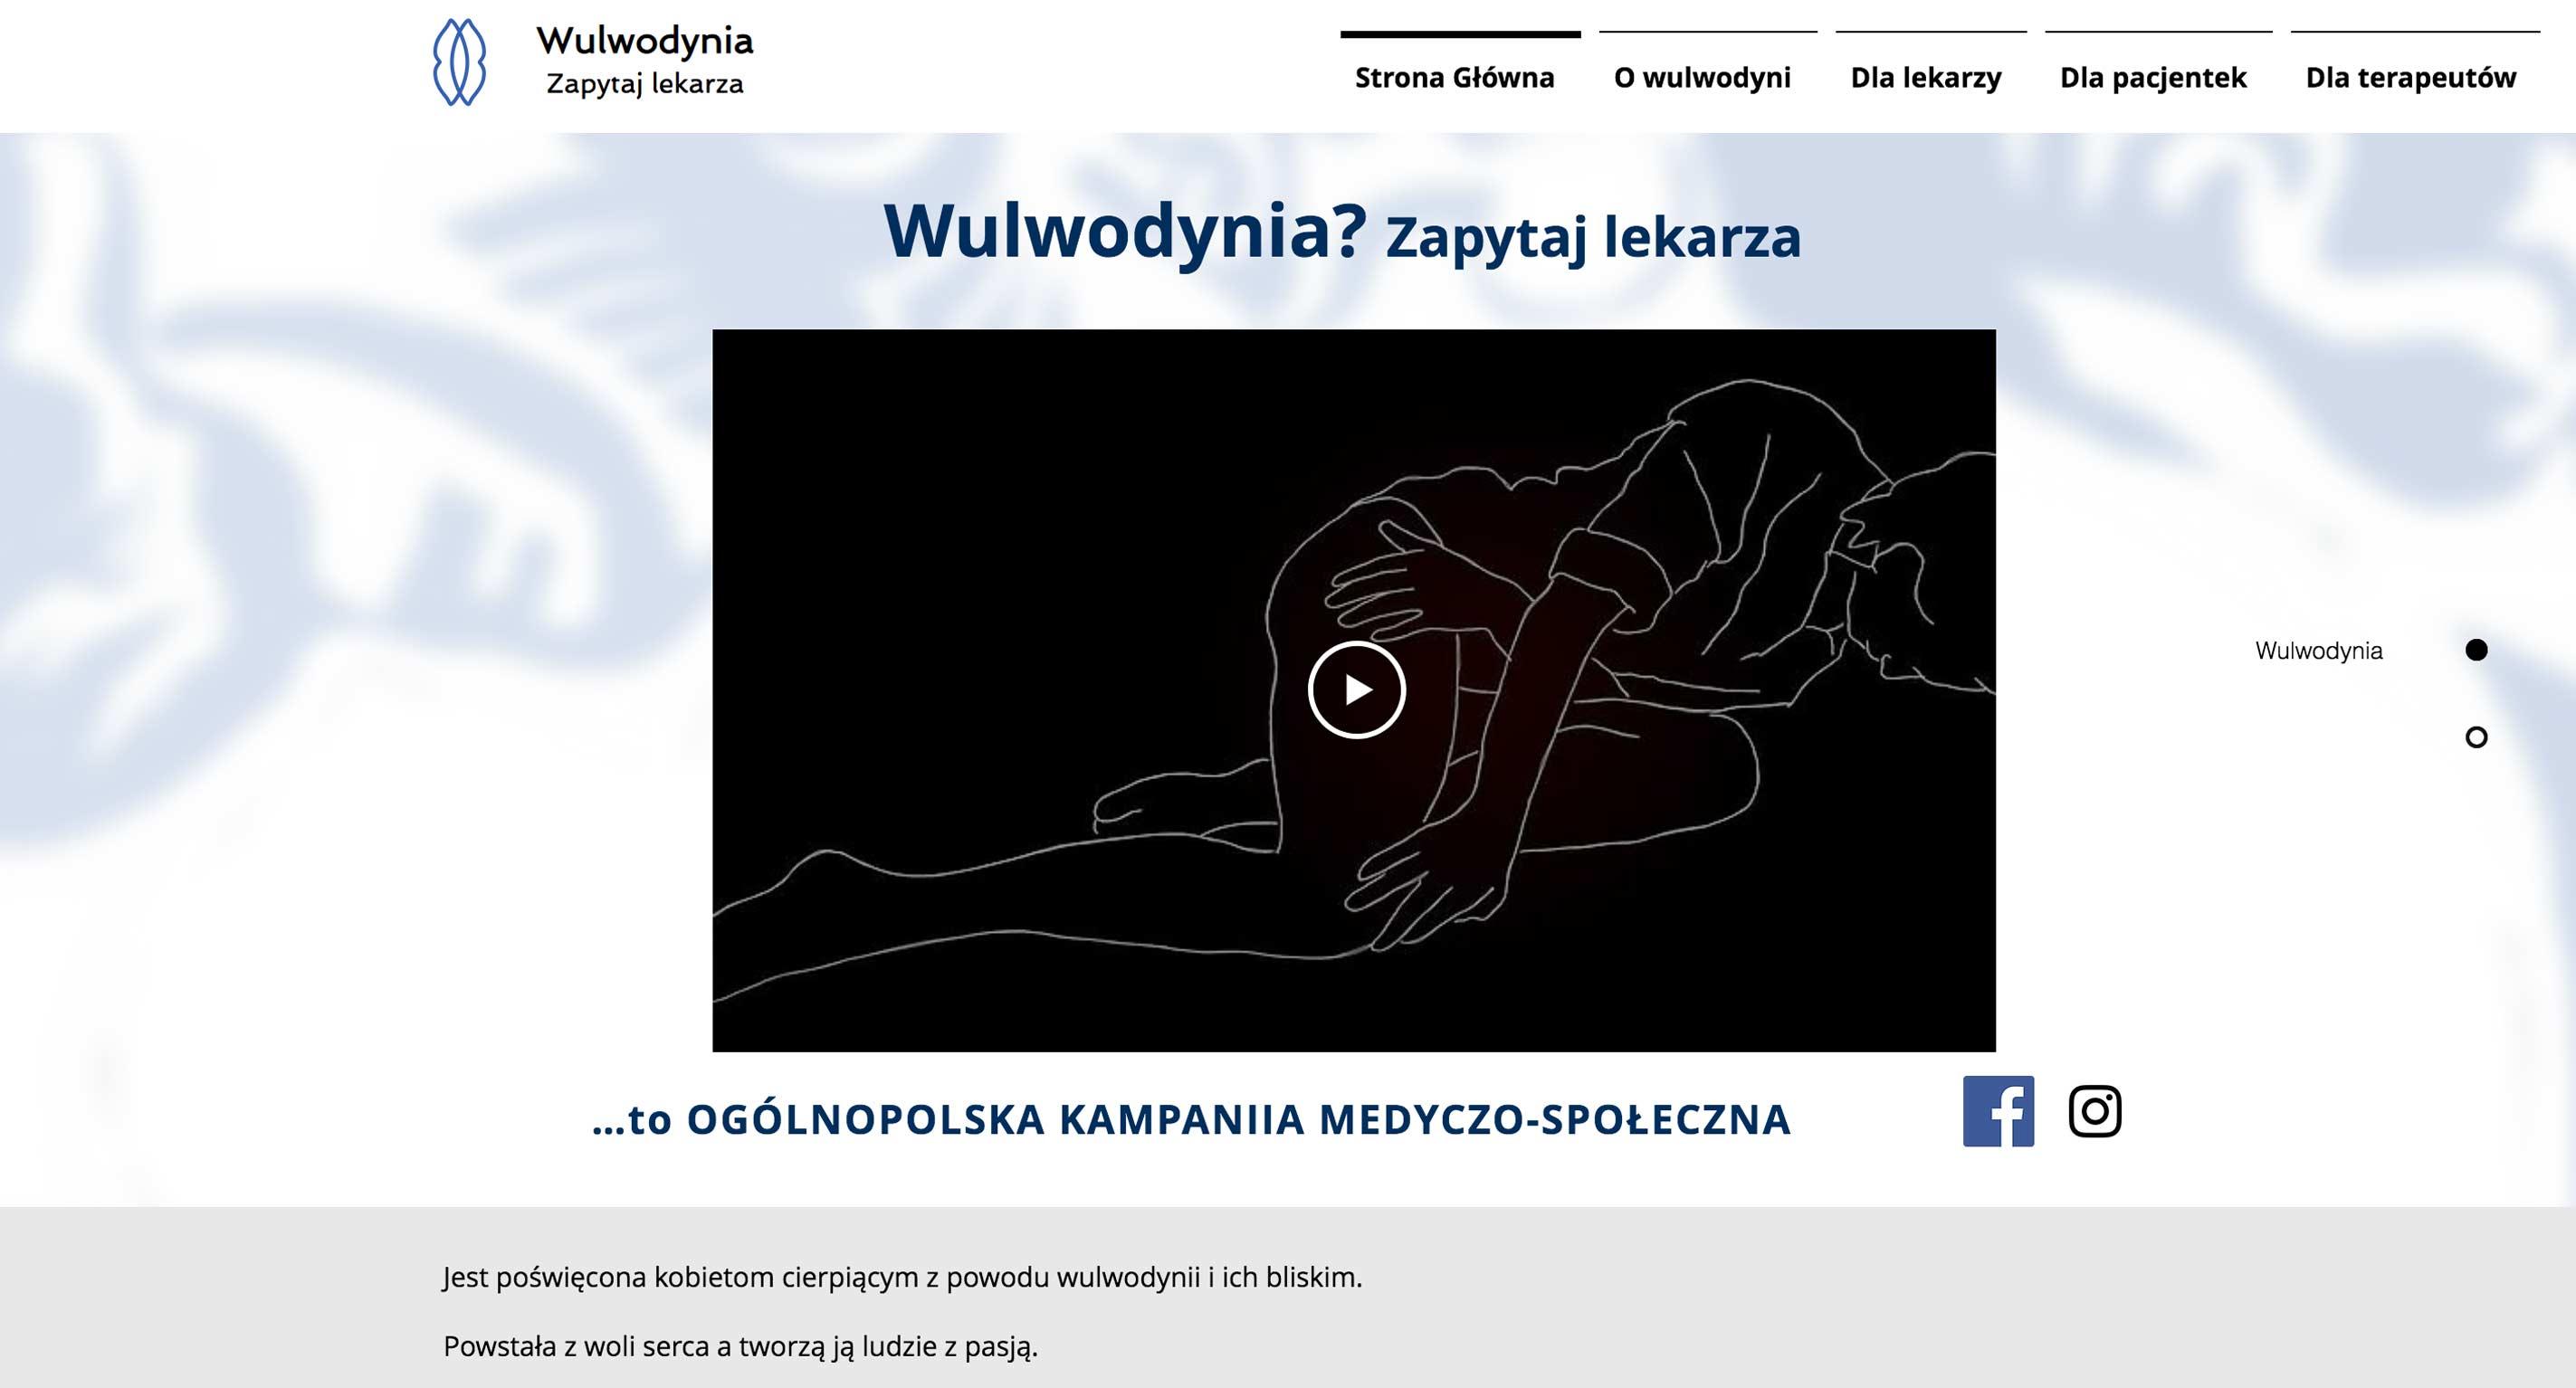 Wulwodynia - Zapytaj Lekarza - Home Page